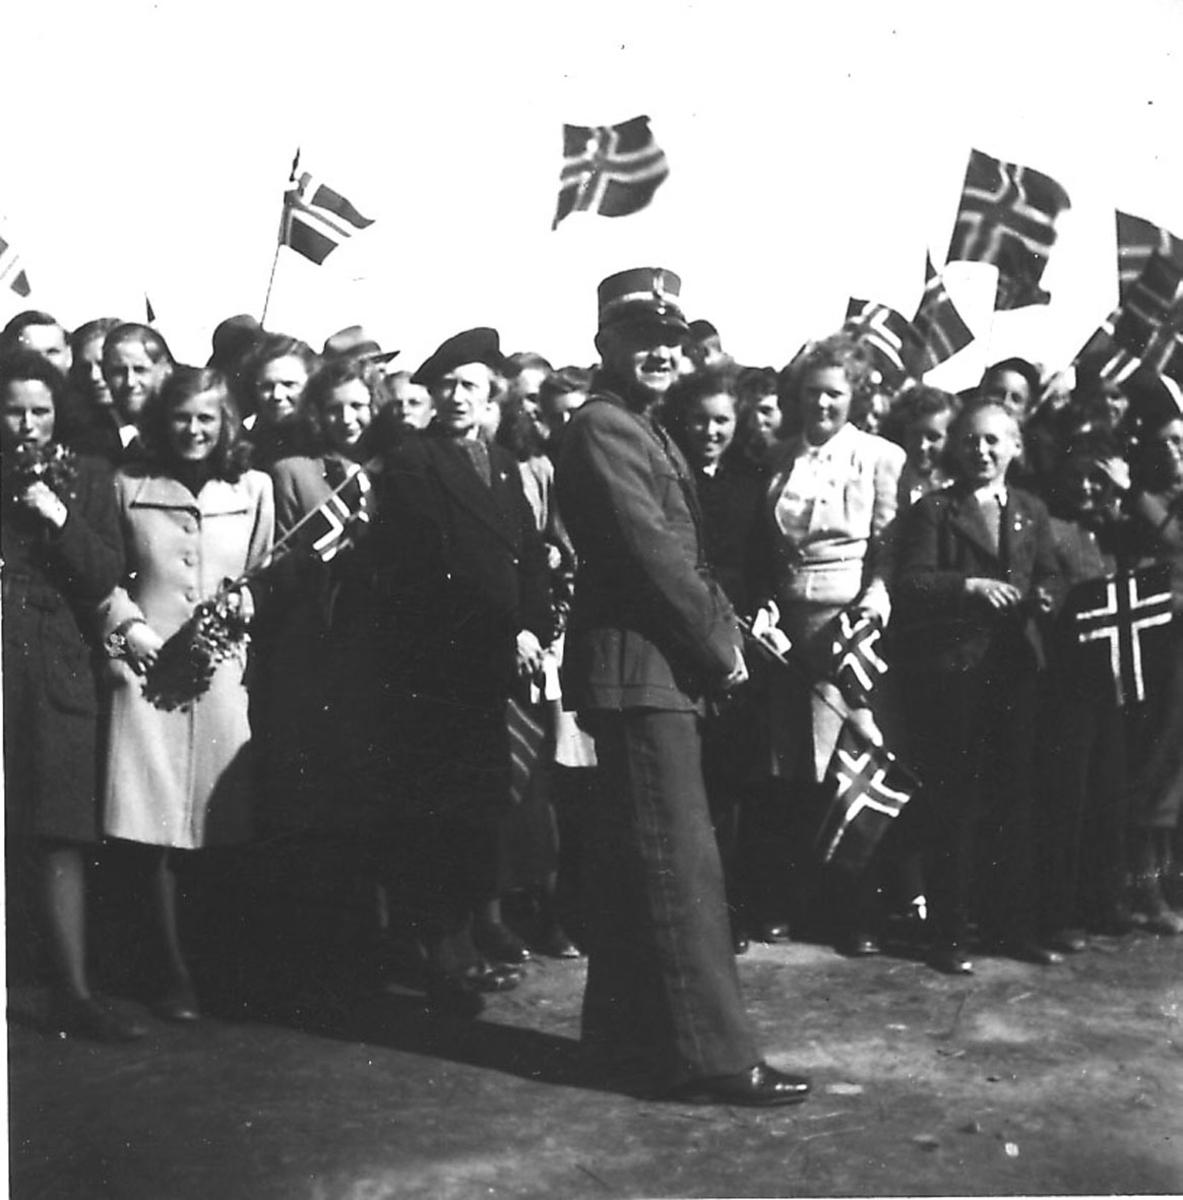 Frigjøringsdagene i Bodø etter krigen  1945. Flere personer, noen med flagg. En person i uniform foran.